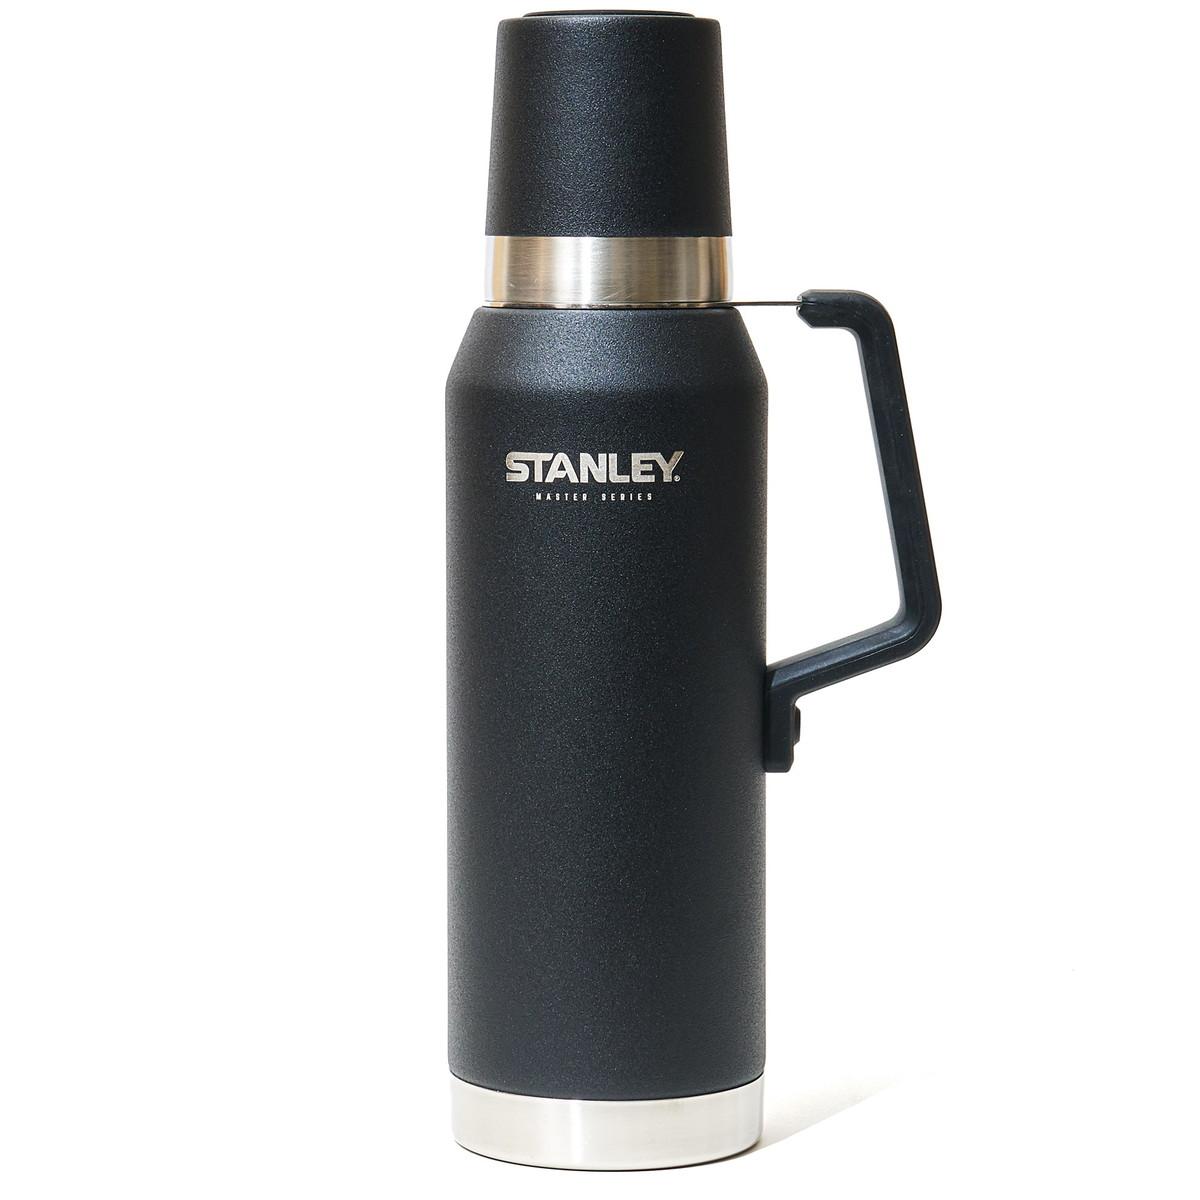 STANLEY スタンレー マスター真空ボトル 1.3L